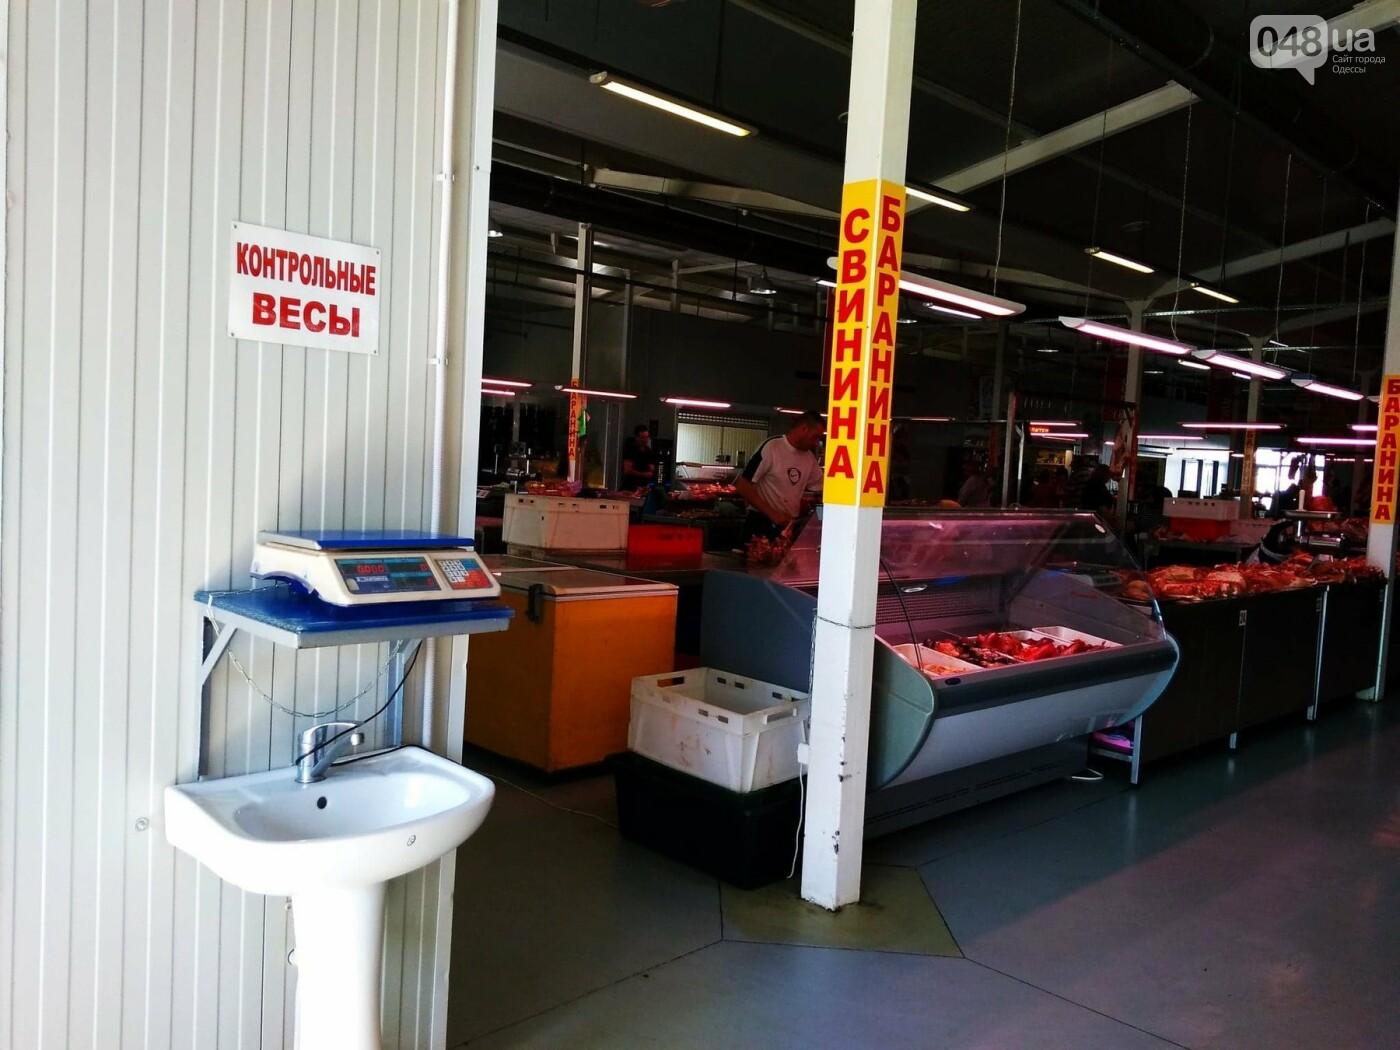 Ищем, где дешевле в Одессе: обзор цен на продукты на рынках Котовского, - ФОТО, ИНФОГРАФИКА, фото-13